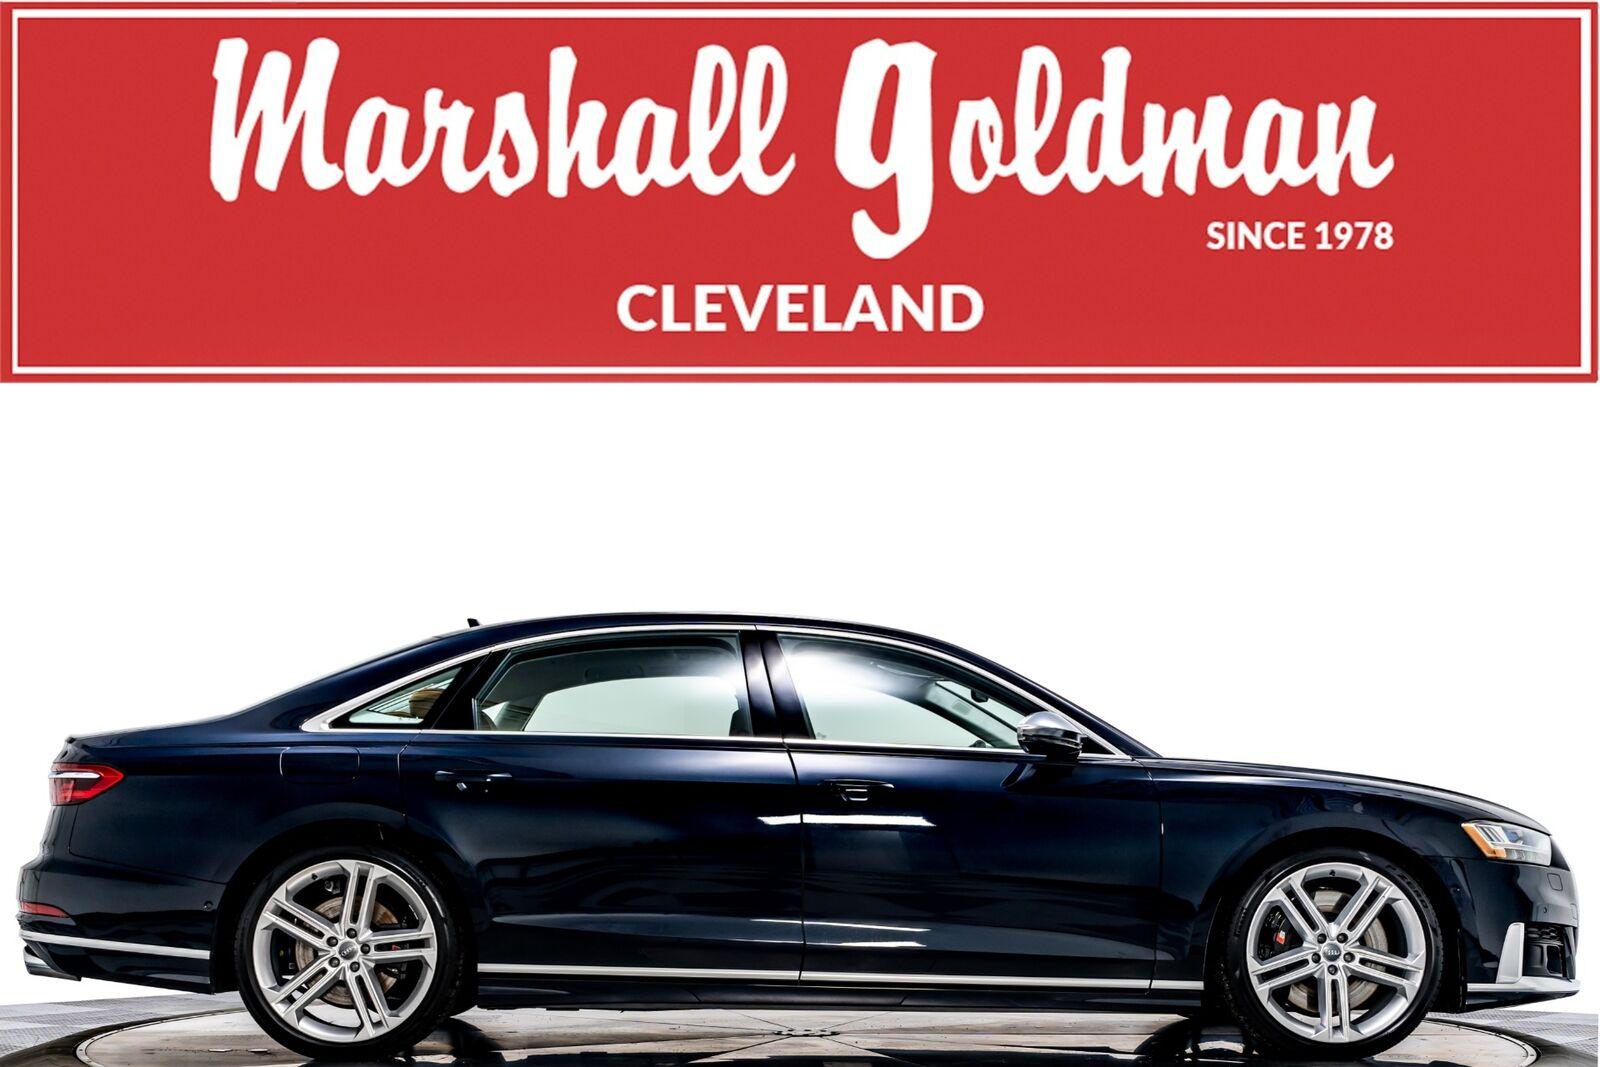 2020 Audi S8 quattro Sedan 4.0L Twin Turbo V8 563hp 590ft. lbs. 8-Speed Automati